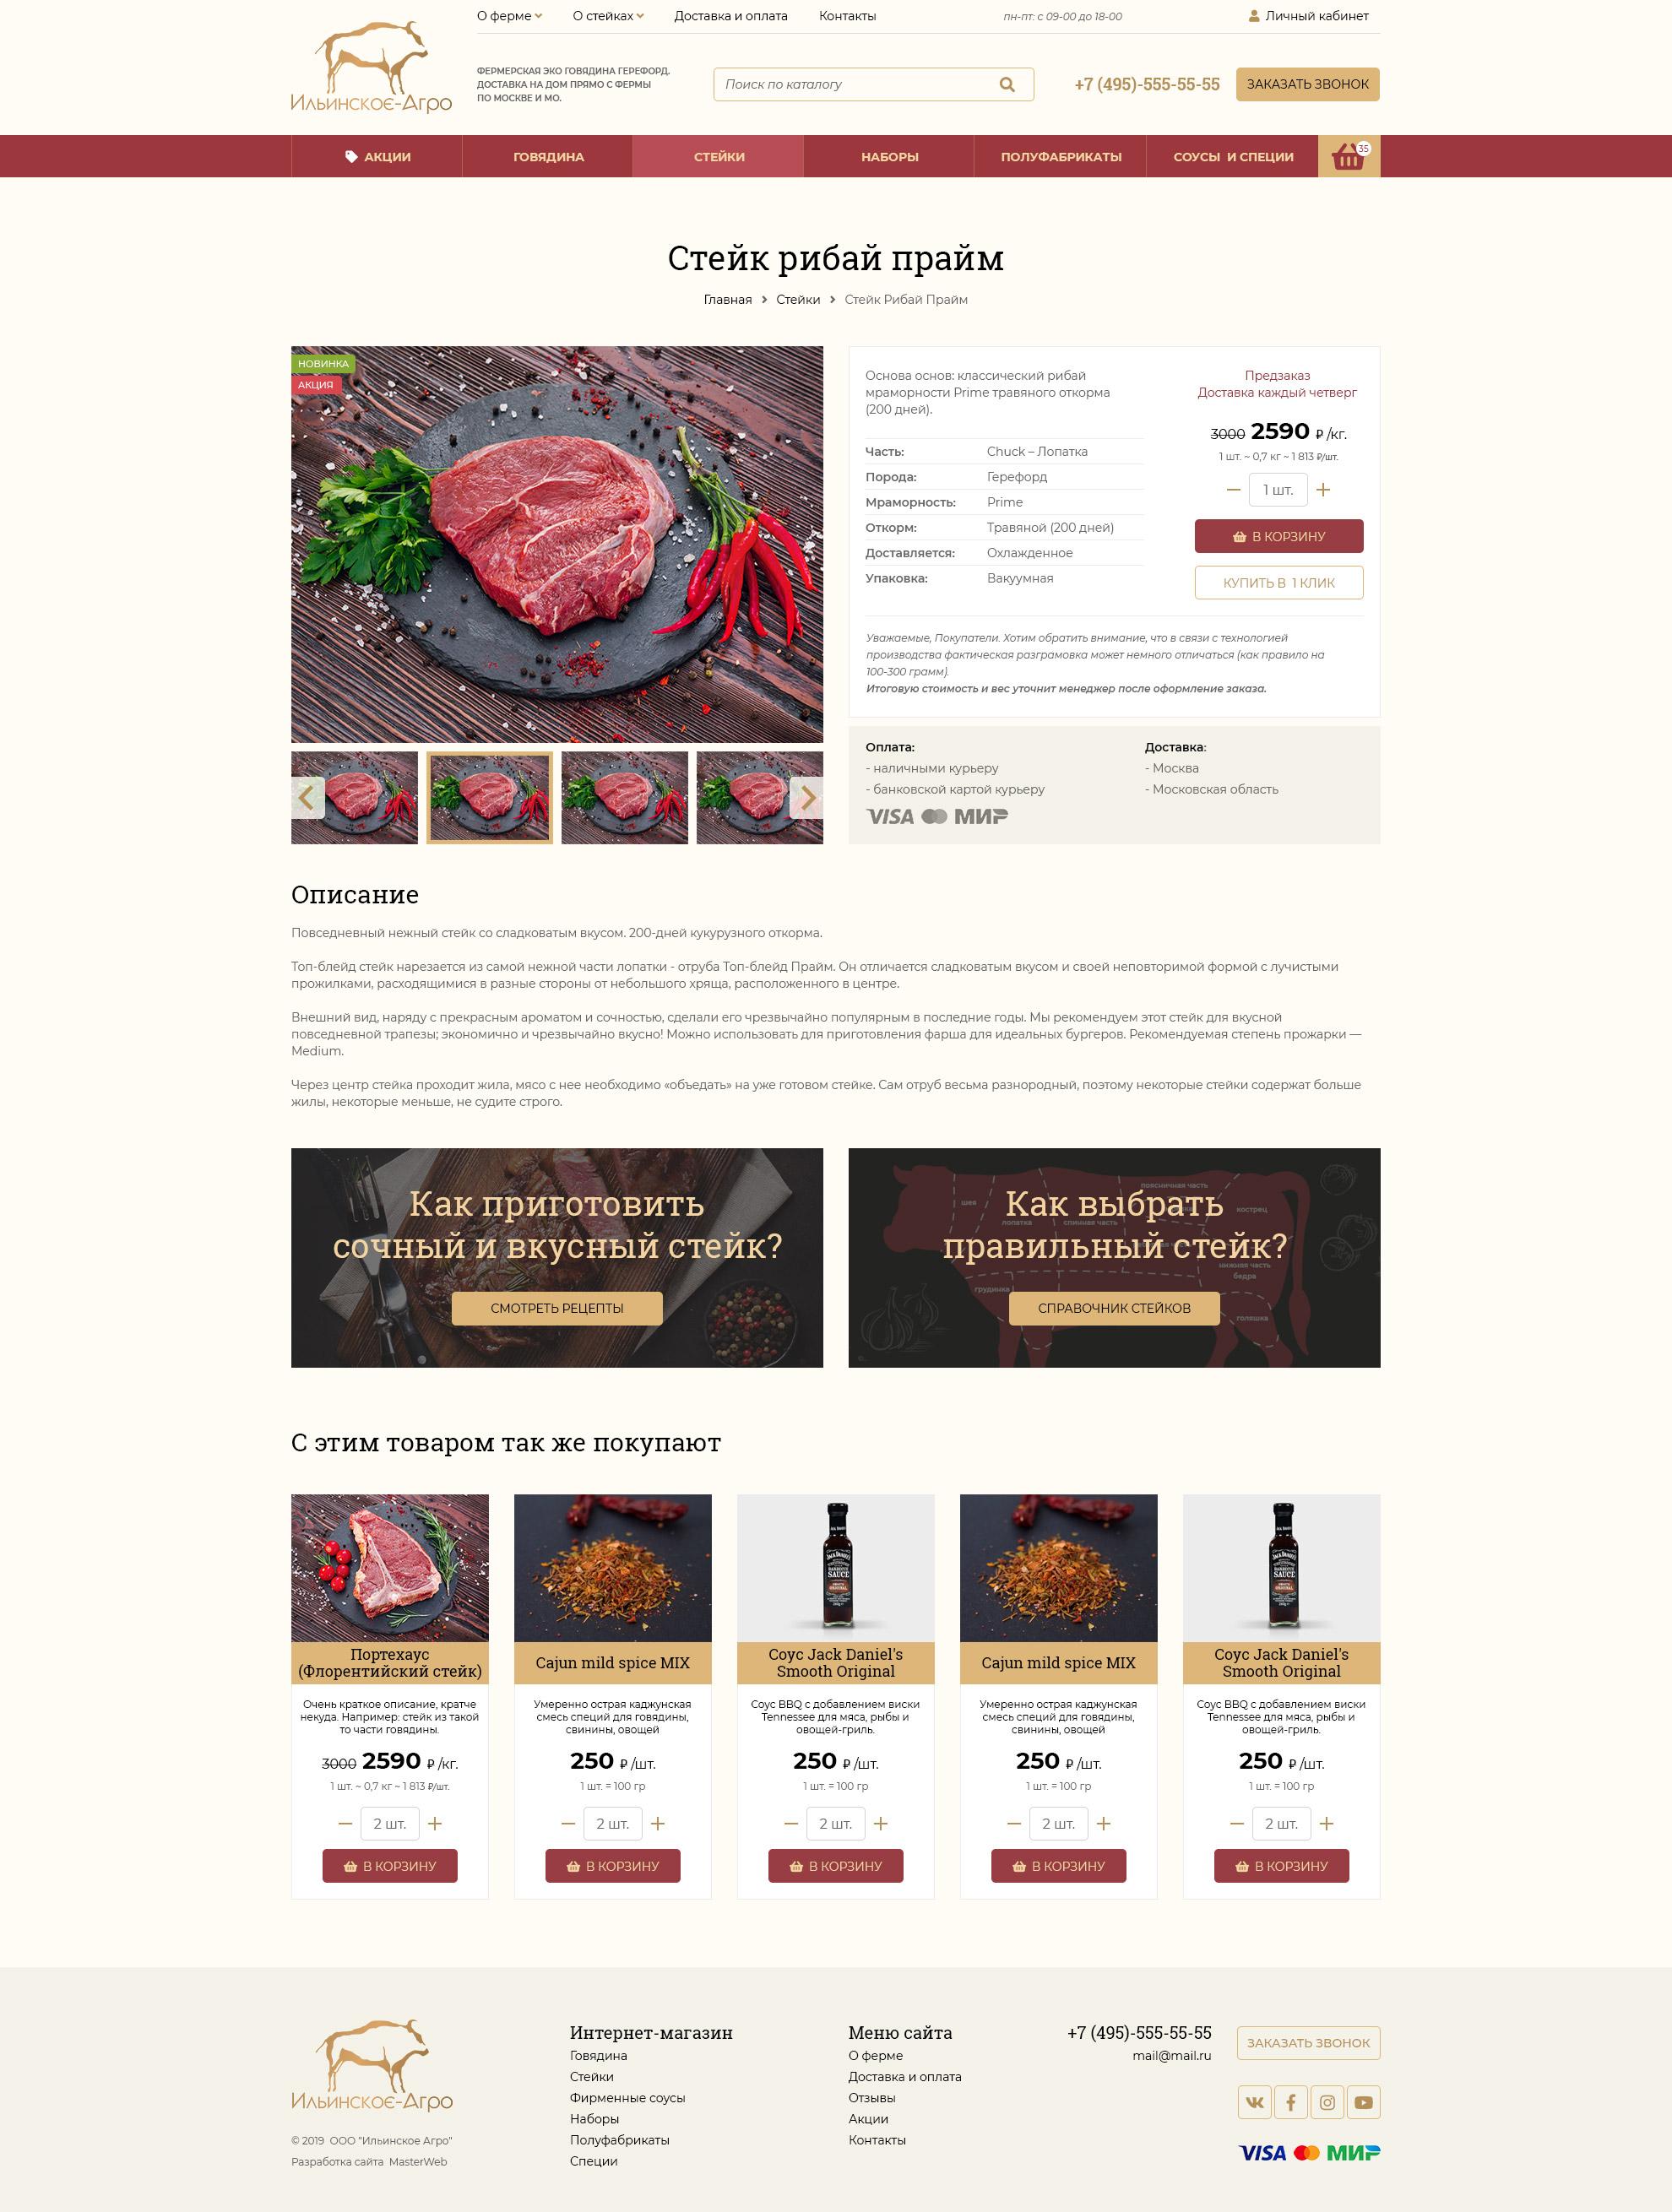 Ильинское Агро - фермерская говядина (Интернет-магазин)